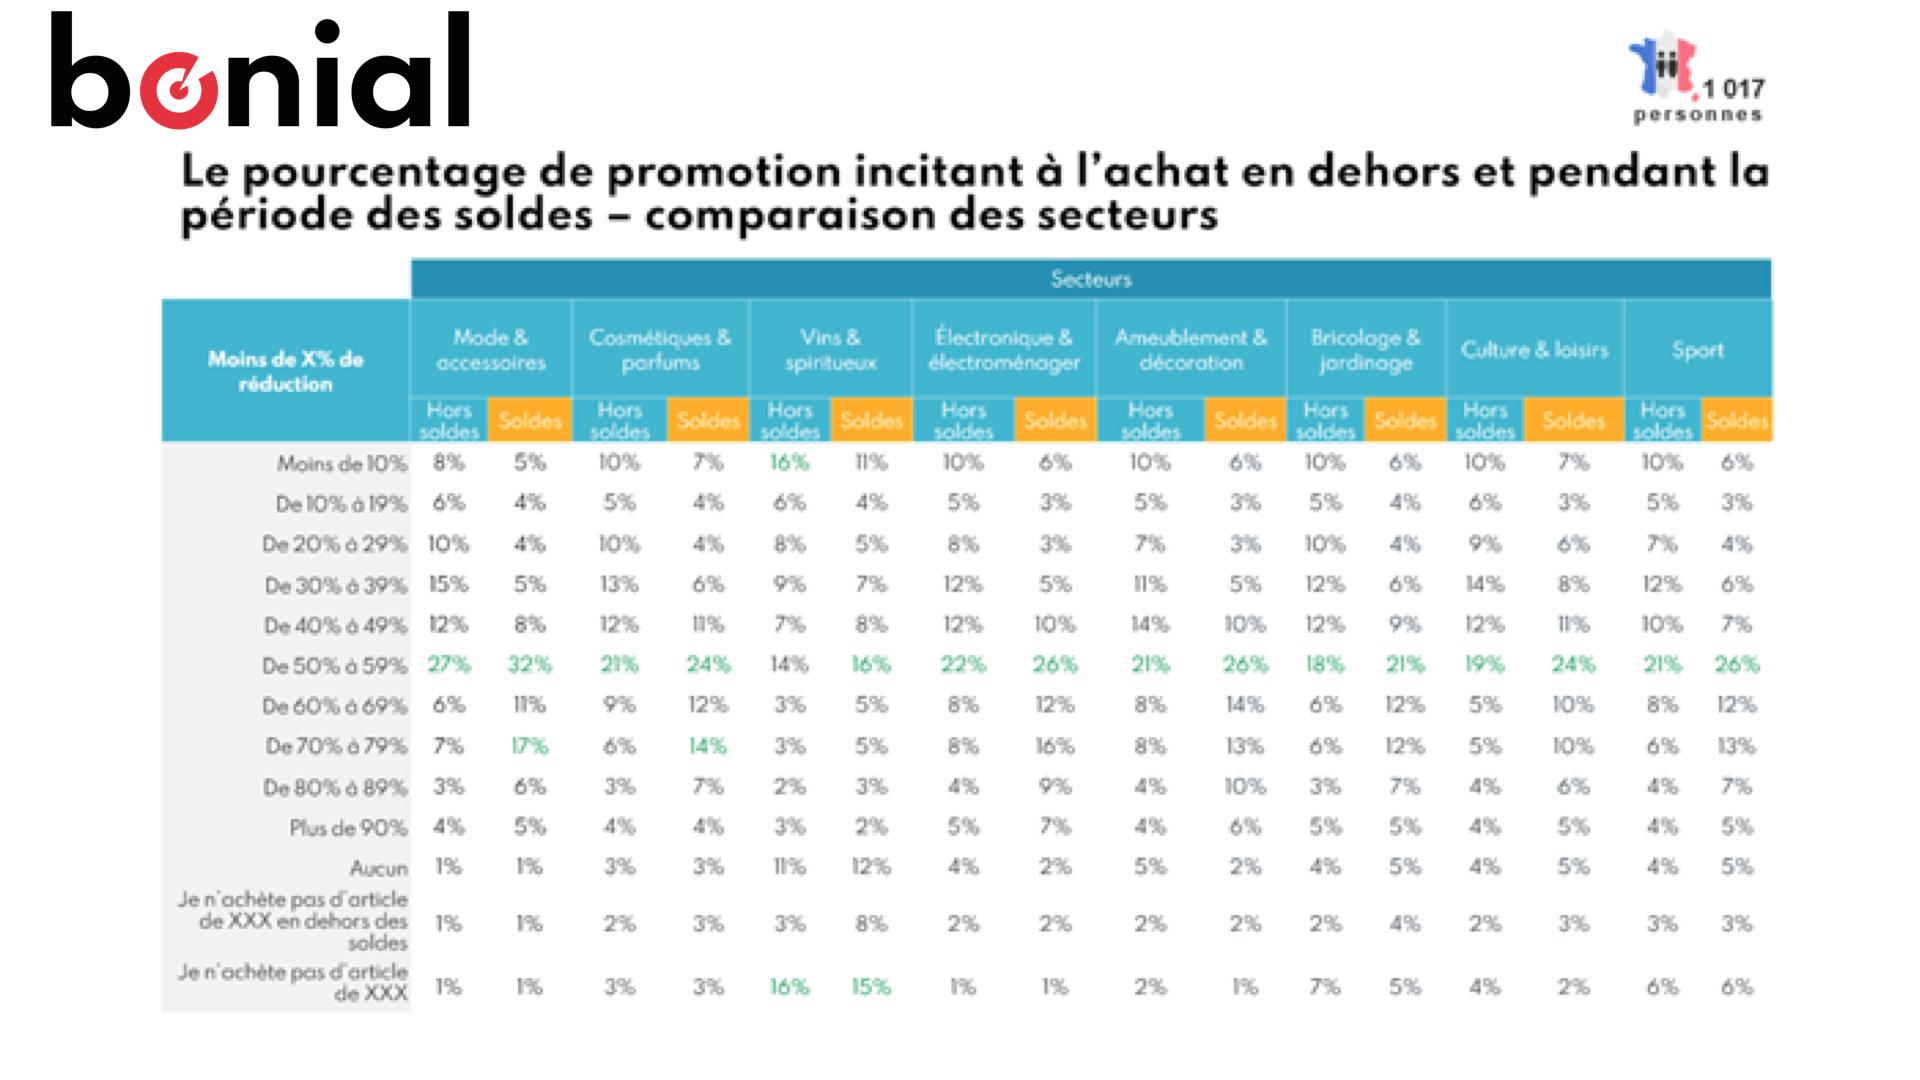 Soldes : un tiers des consommateurs veut des soldes de plus de 50%